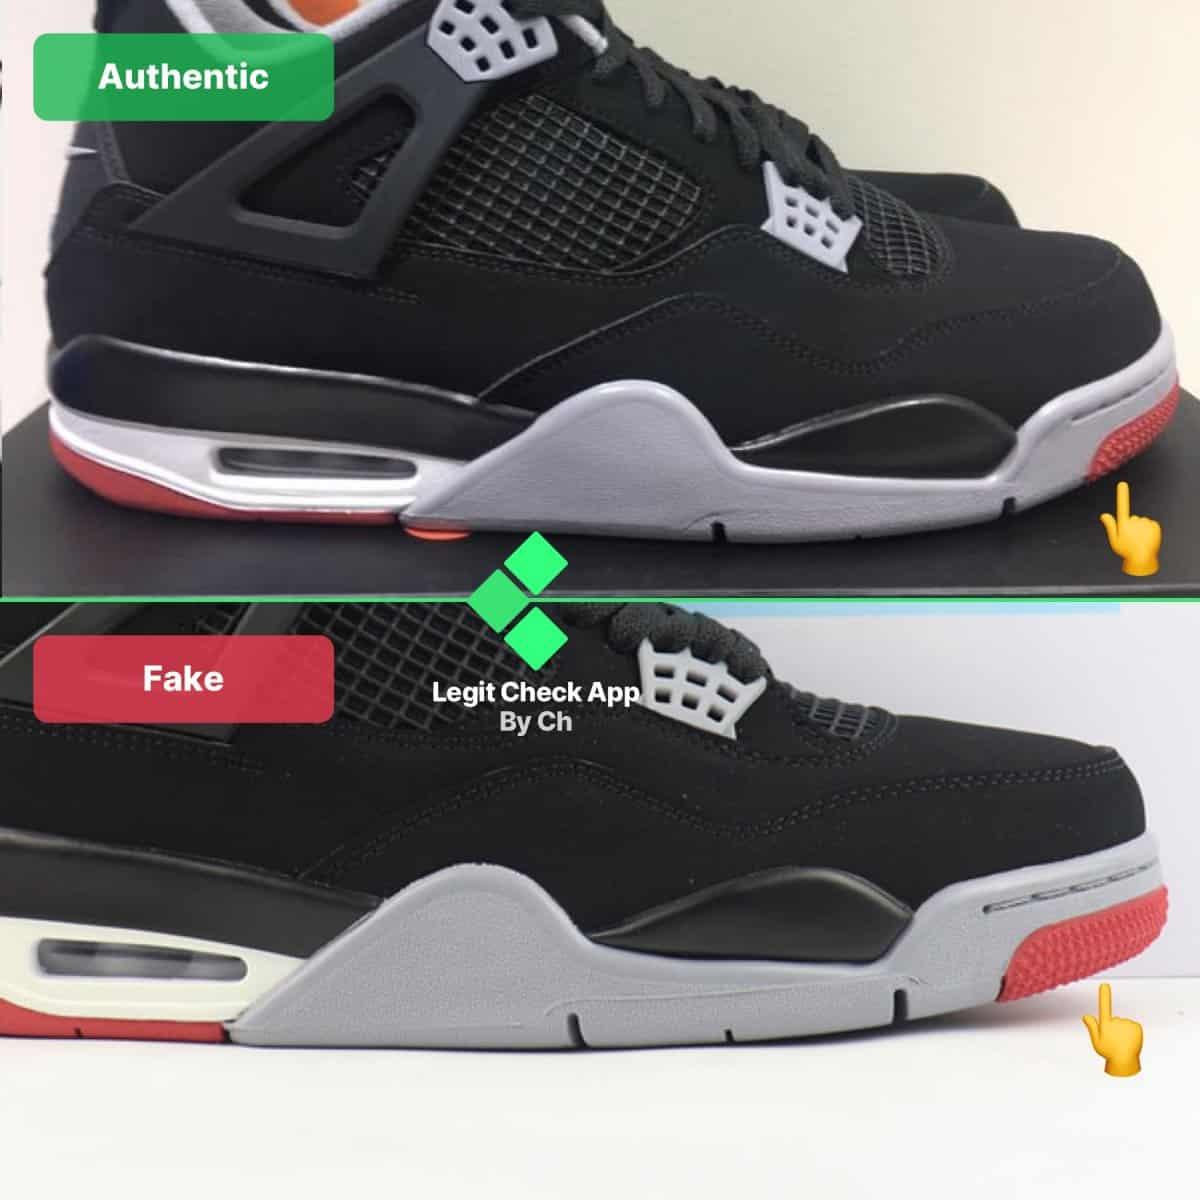 How To Spot Fake Air Jordan 4 - Real Vs